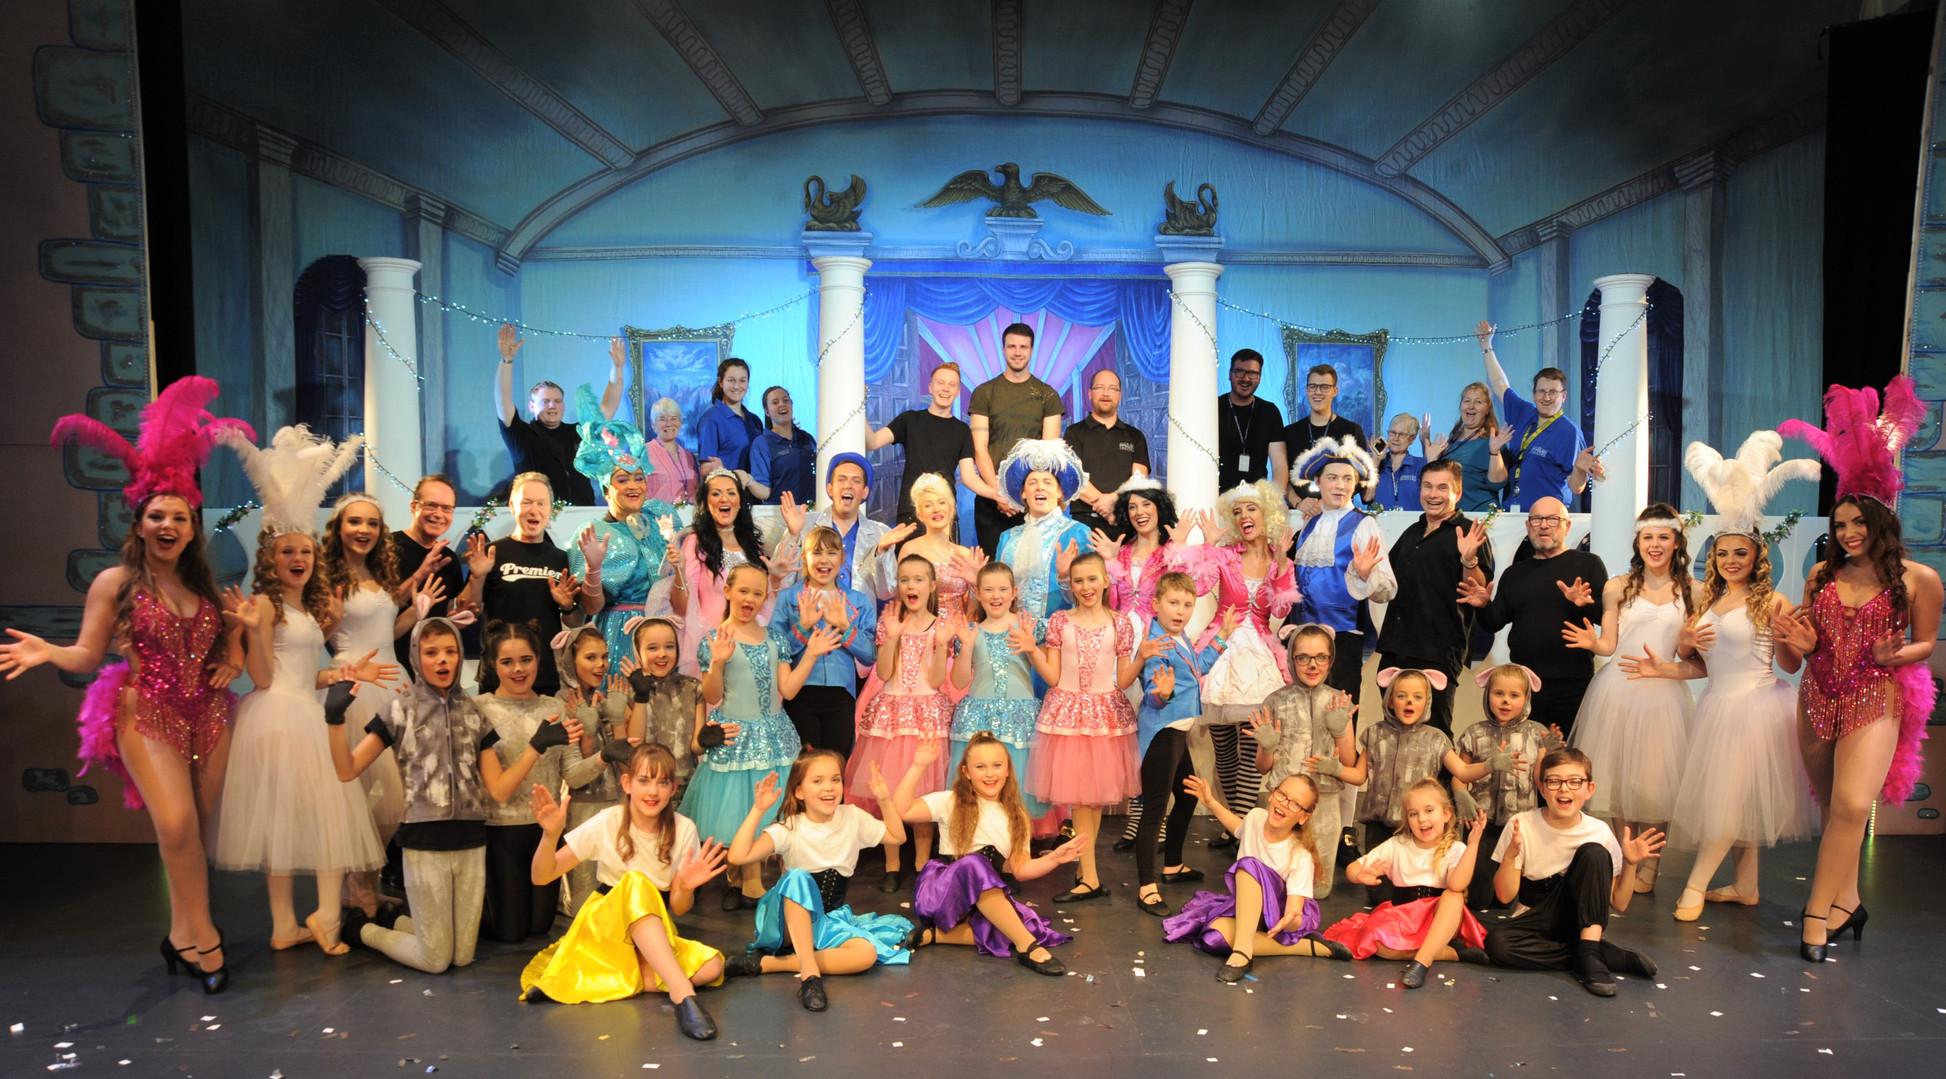 Cinderella Cast & Crew